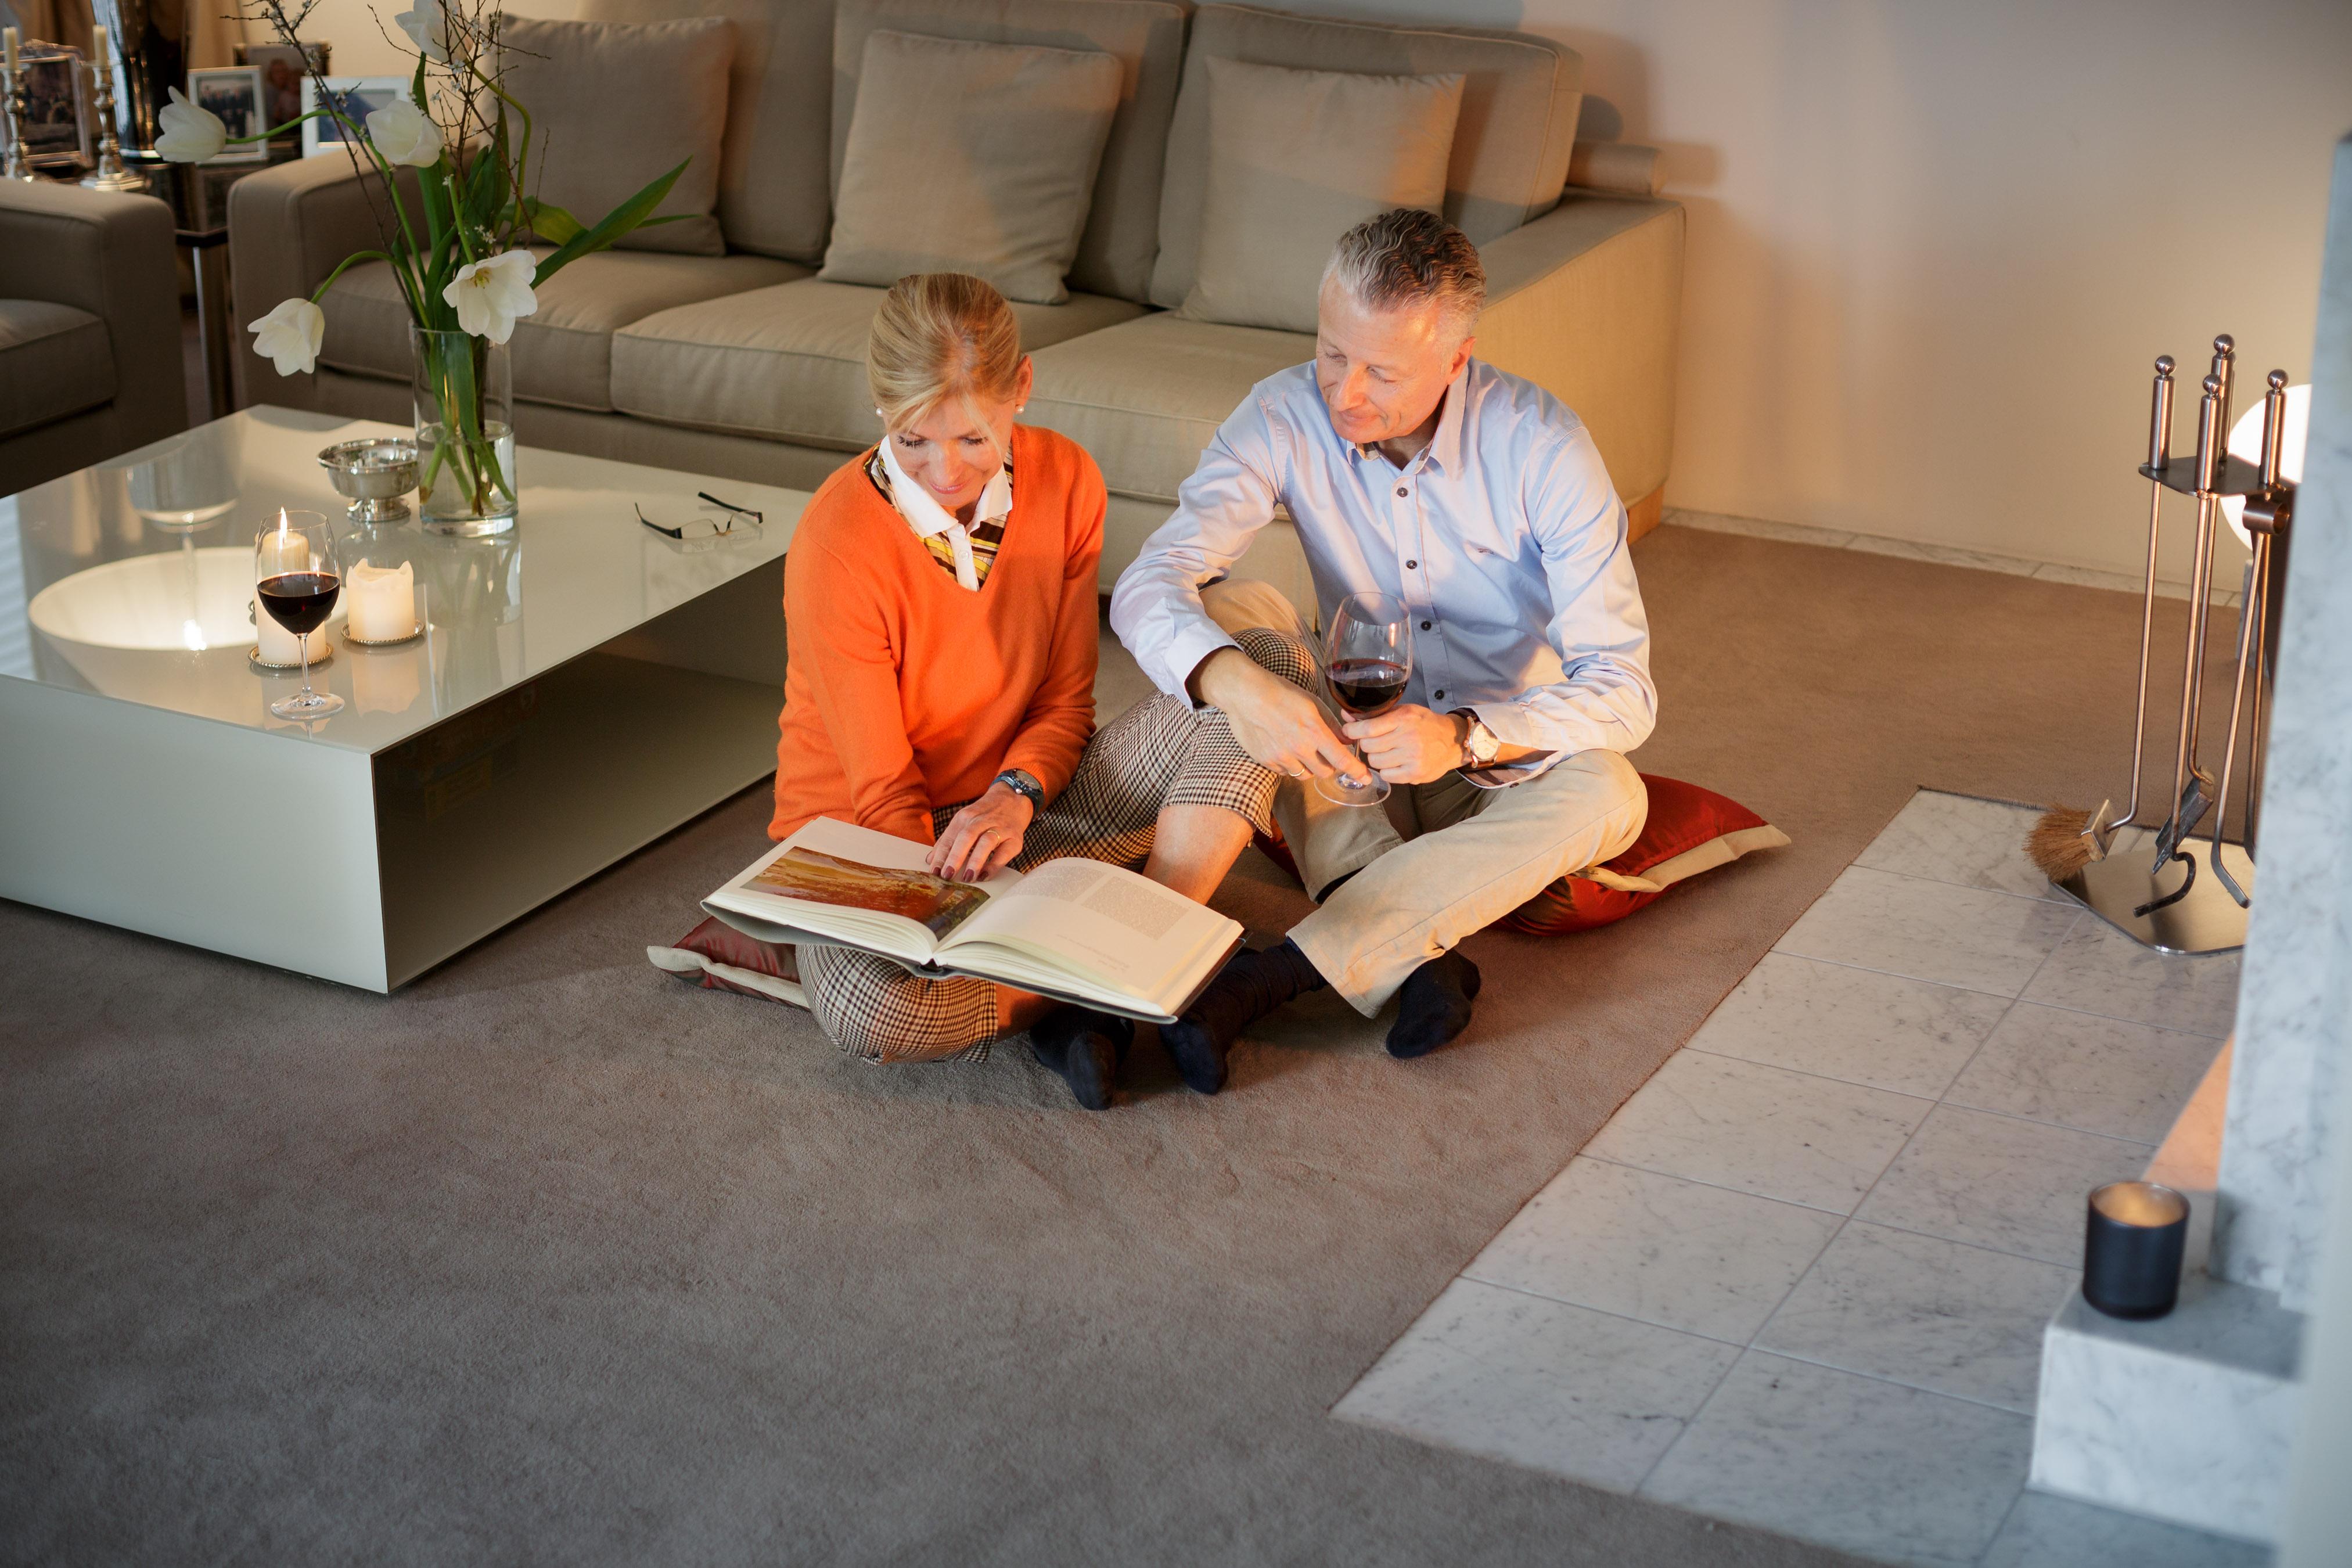 Fotos von Damals anschauen, als die Kinder noch klein waren, und immer noch auf demselben Teppichboden sitzen? Wer seine Bodenbeläge auf den Untergrund klebt, ermöglicht sich diesen Mehrwert und kann sich über viele Jahre an ihnen erfreuen. (c) IBK